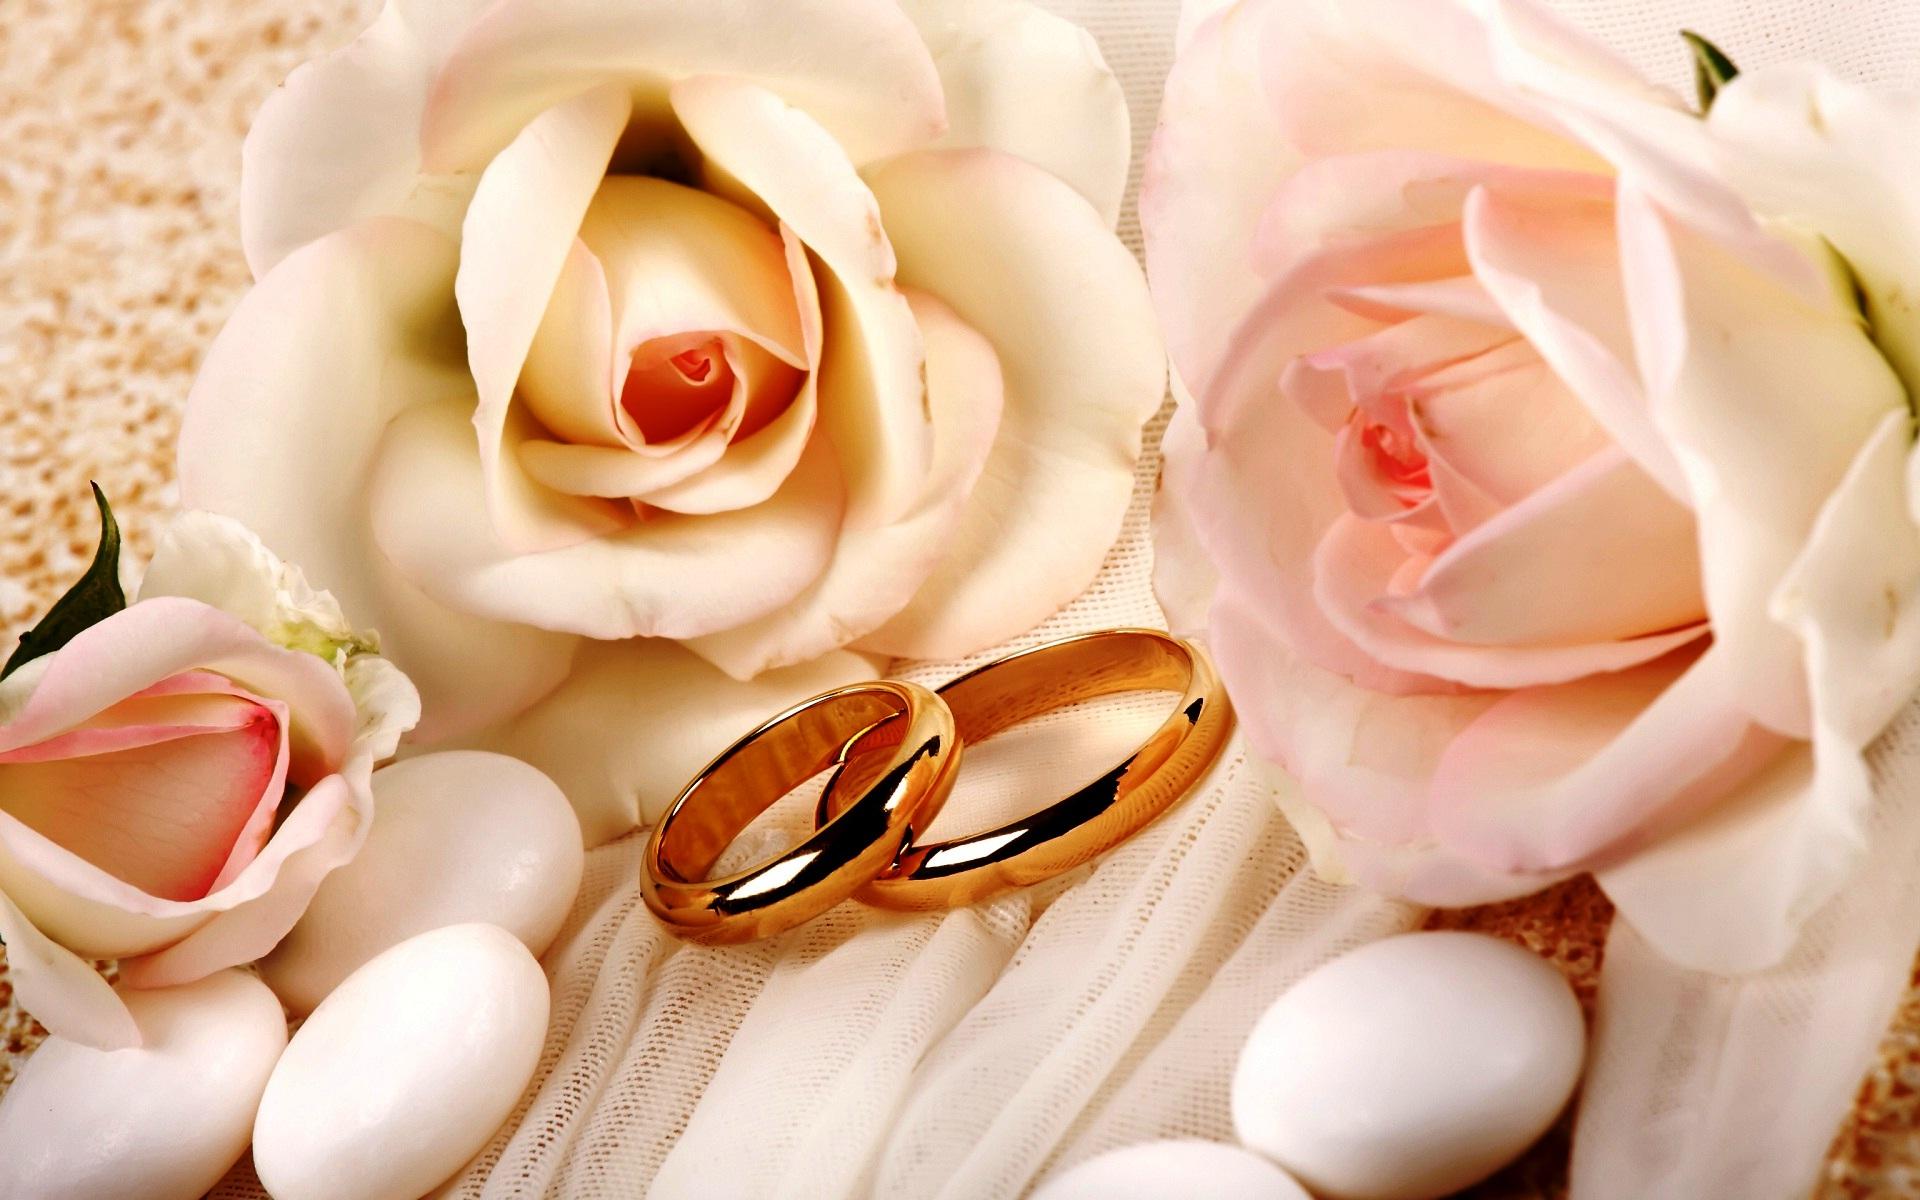 Ko dāvināt kāzu jubilejā